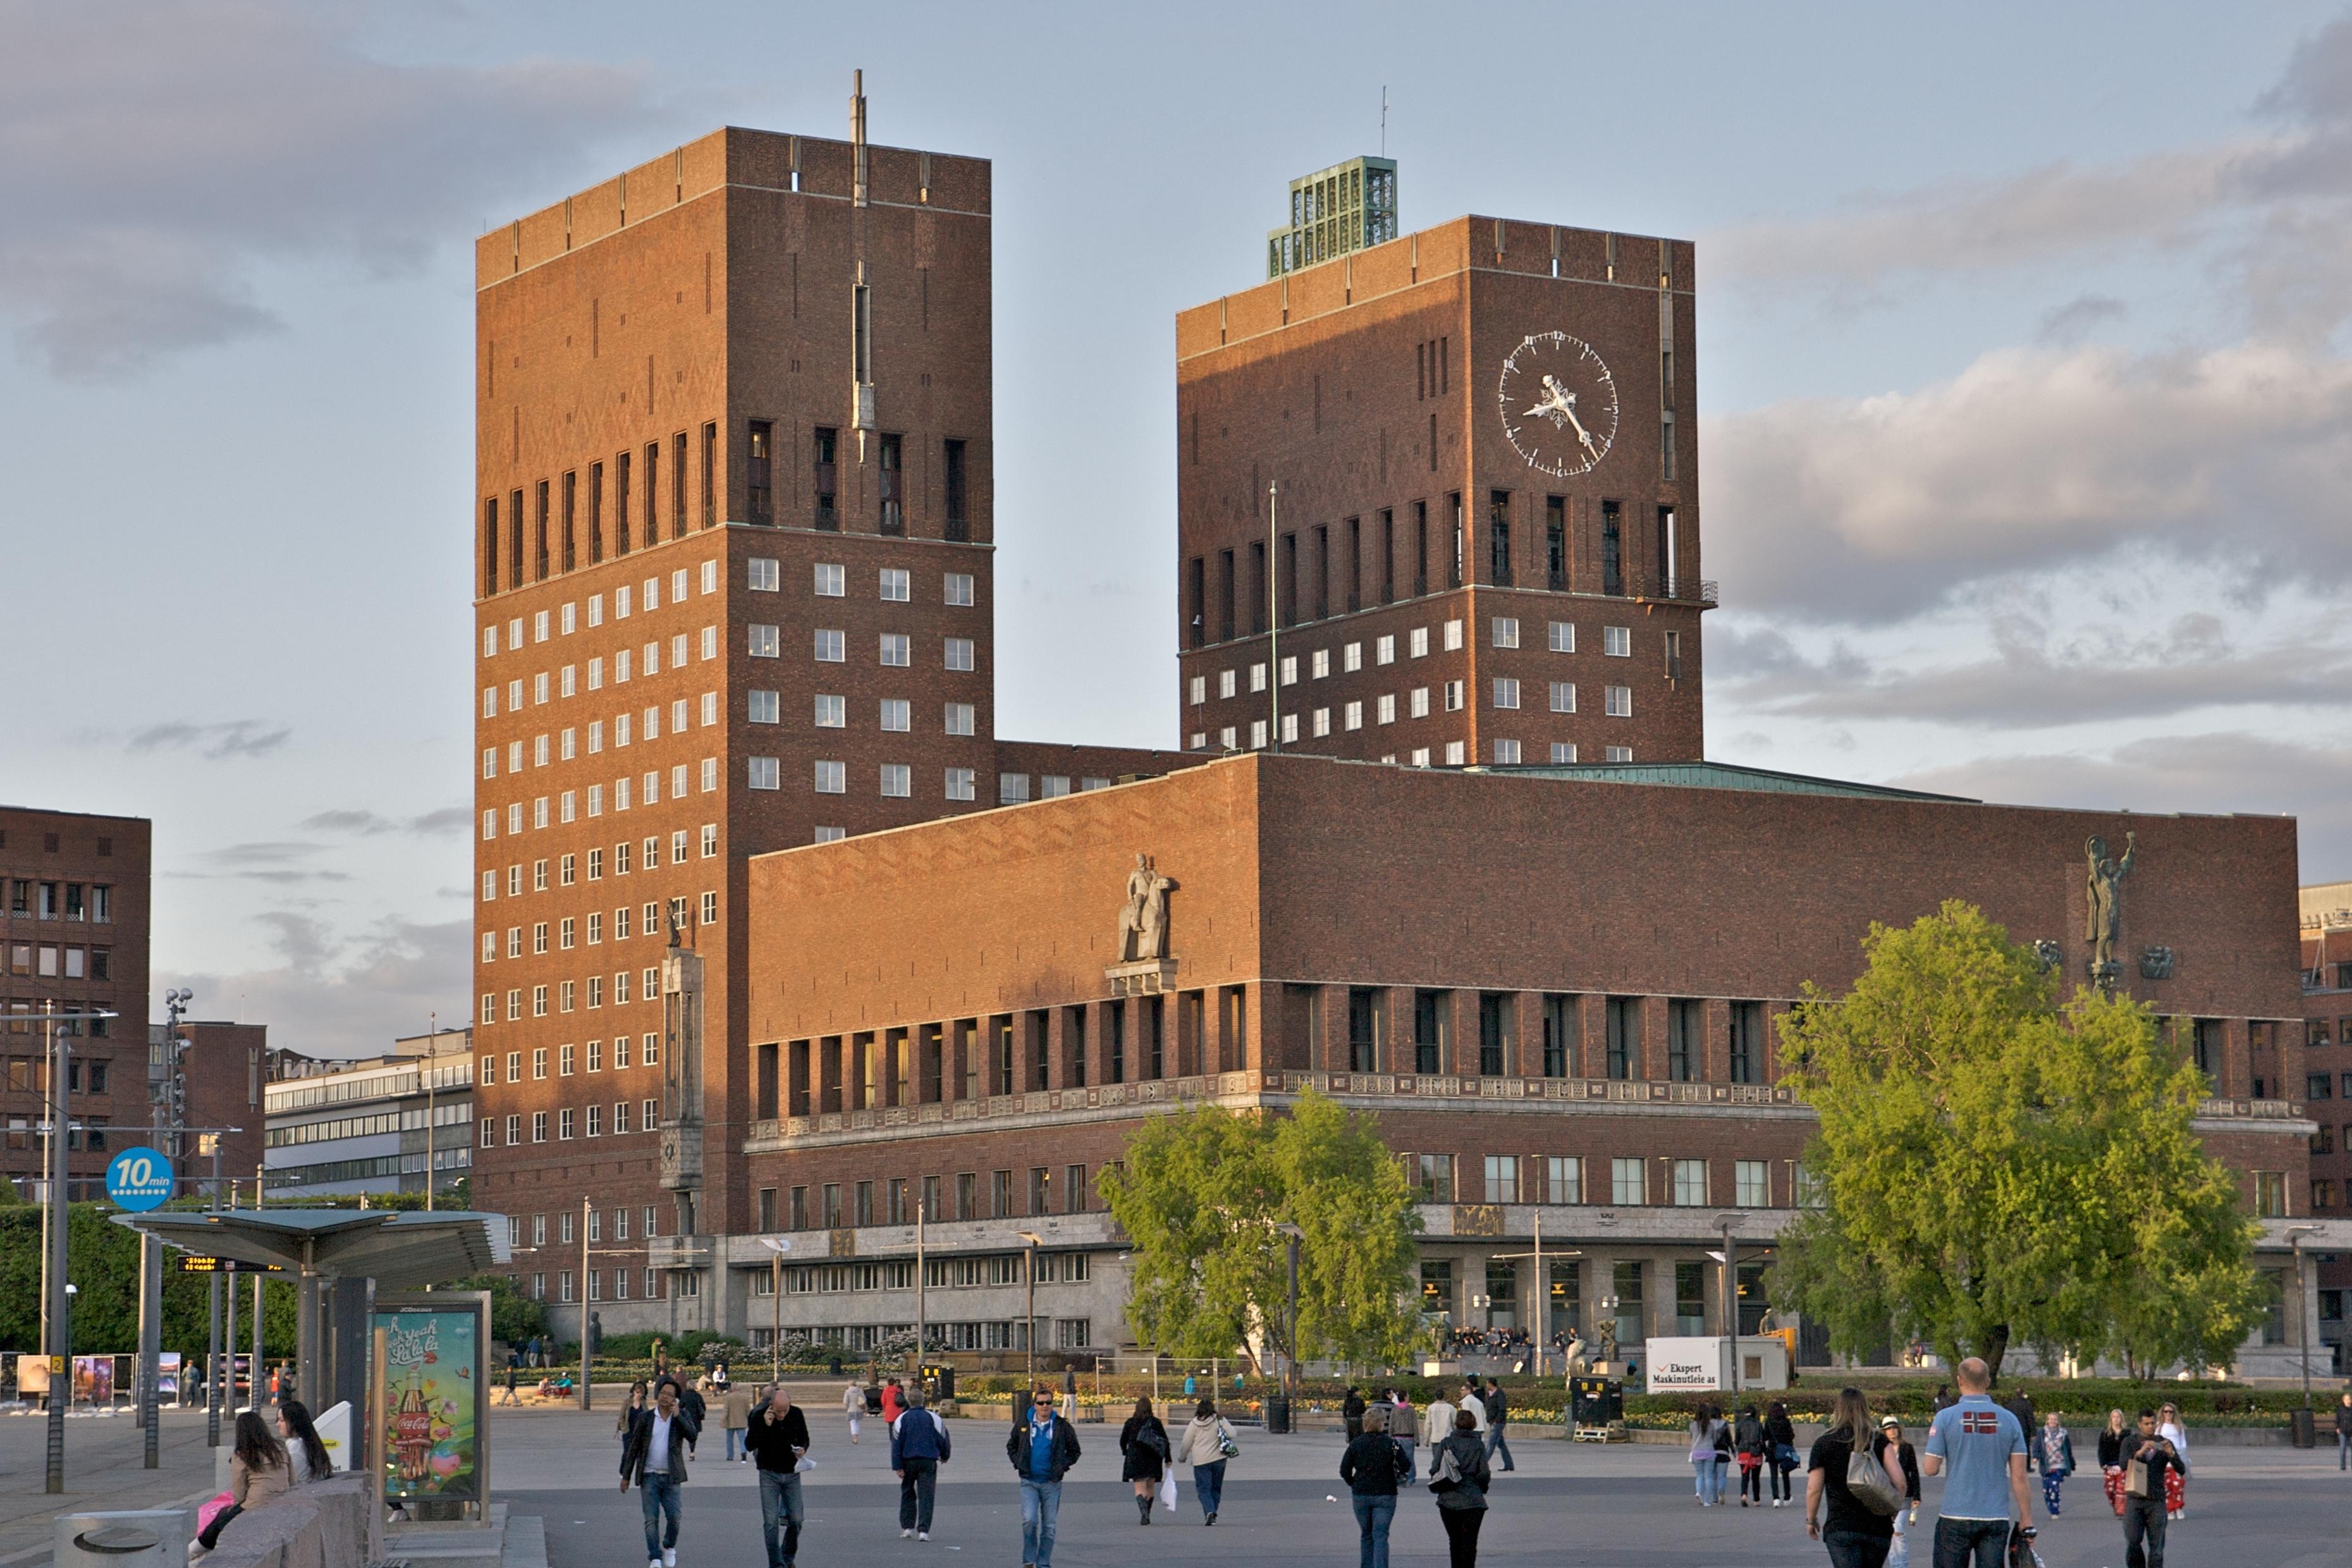 Hver mandag fremover serveres det kun vegetarisk mat i Oslo Rådhus sin kantine. Foto: Alexander Ottesen.